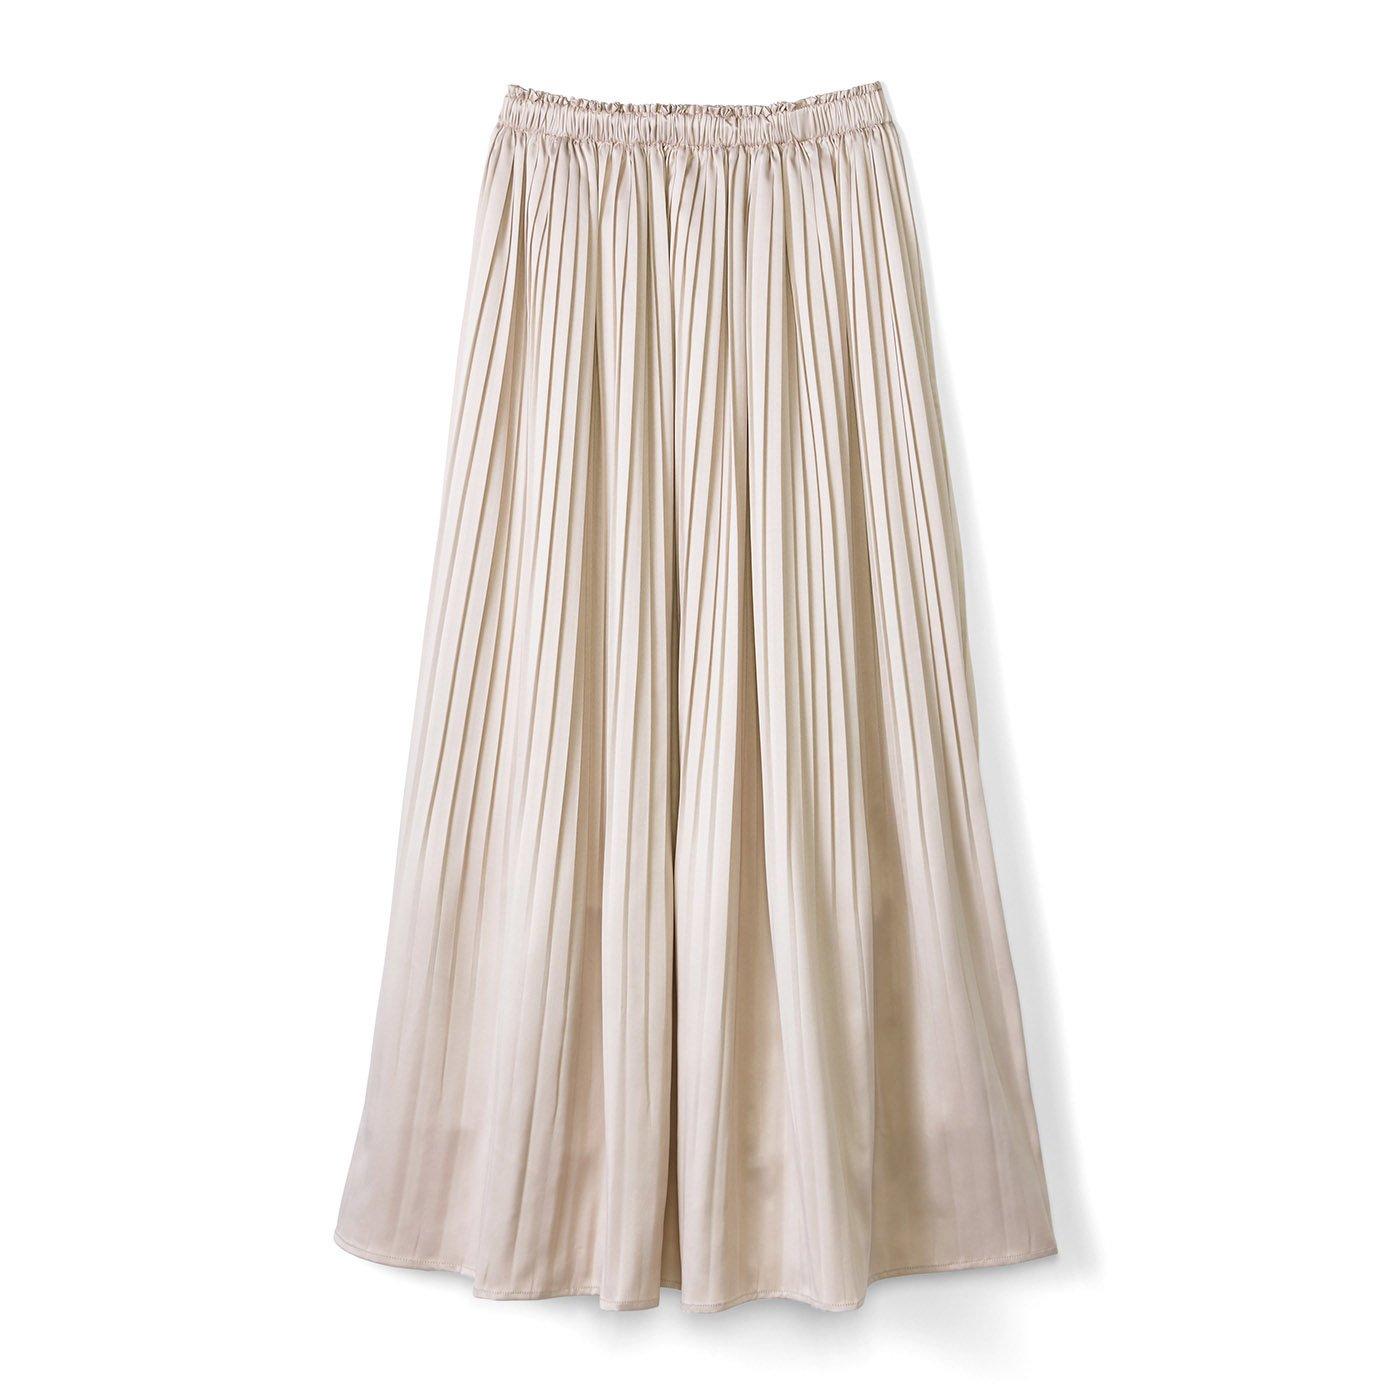 リブ イン コンフォート おとめ心がさらりと揺れる 華やか細プリーツスカート〈ピンクベージュ〉